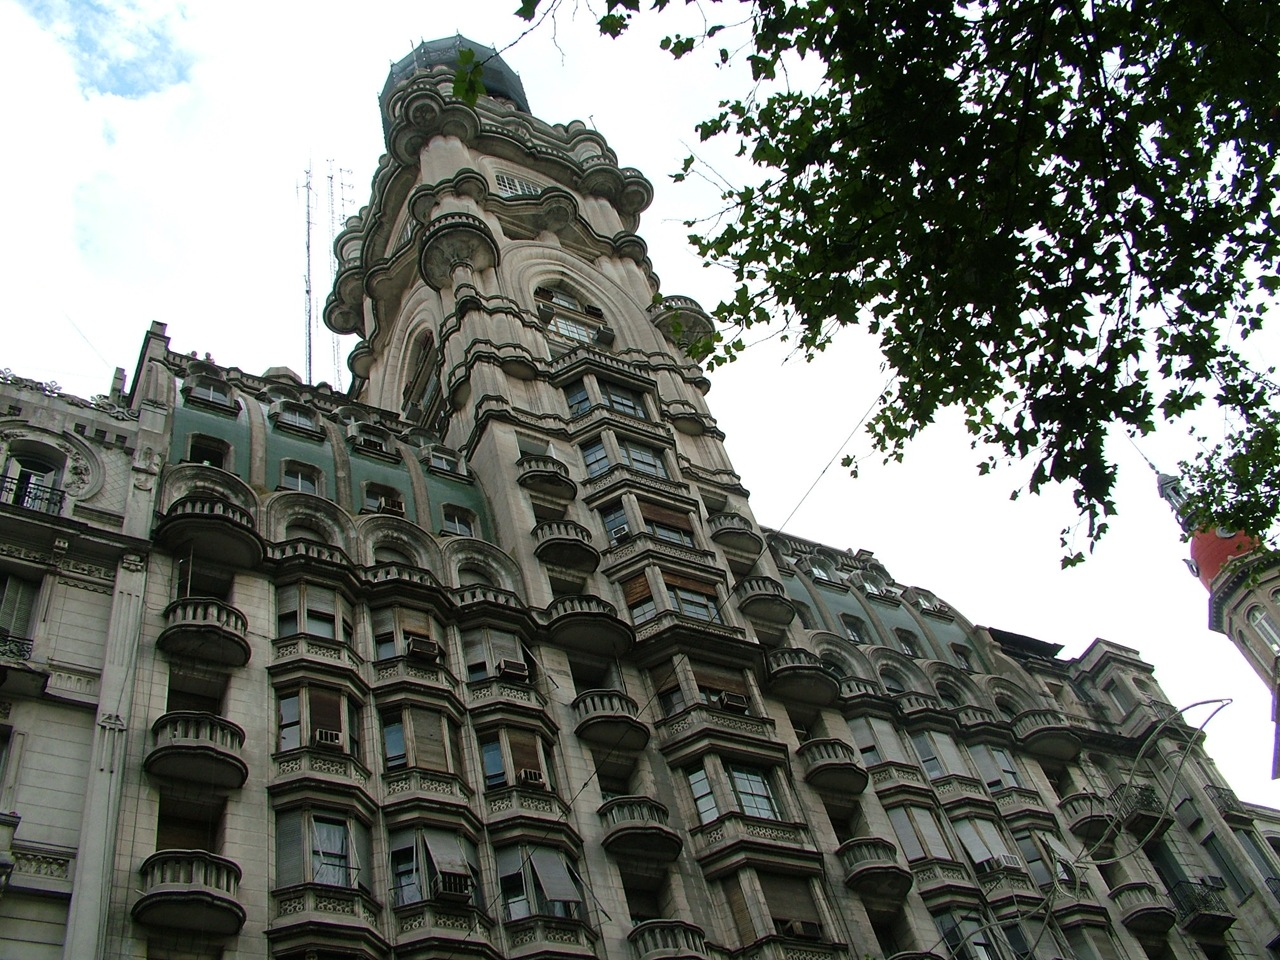 http://upload.wikimedia.org/wikipedia/commons/5/5e/Buenos_Aires-Av._de_Mayo-Palacio_Barolo-1.jpg